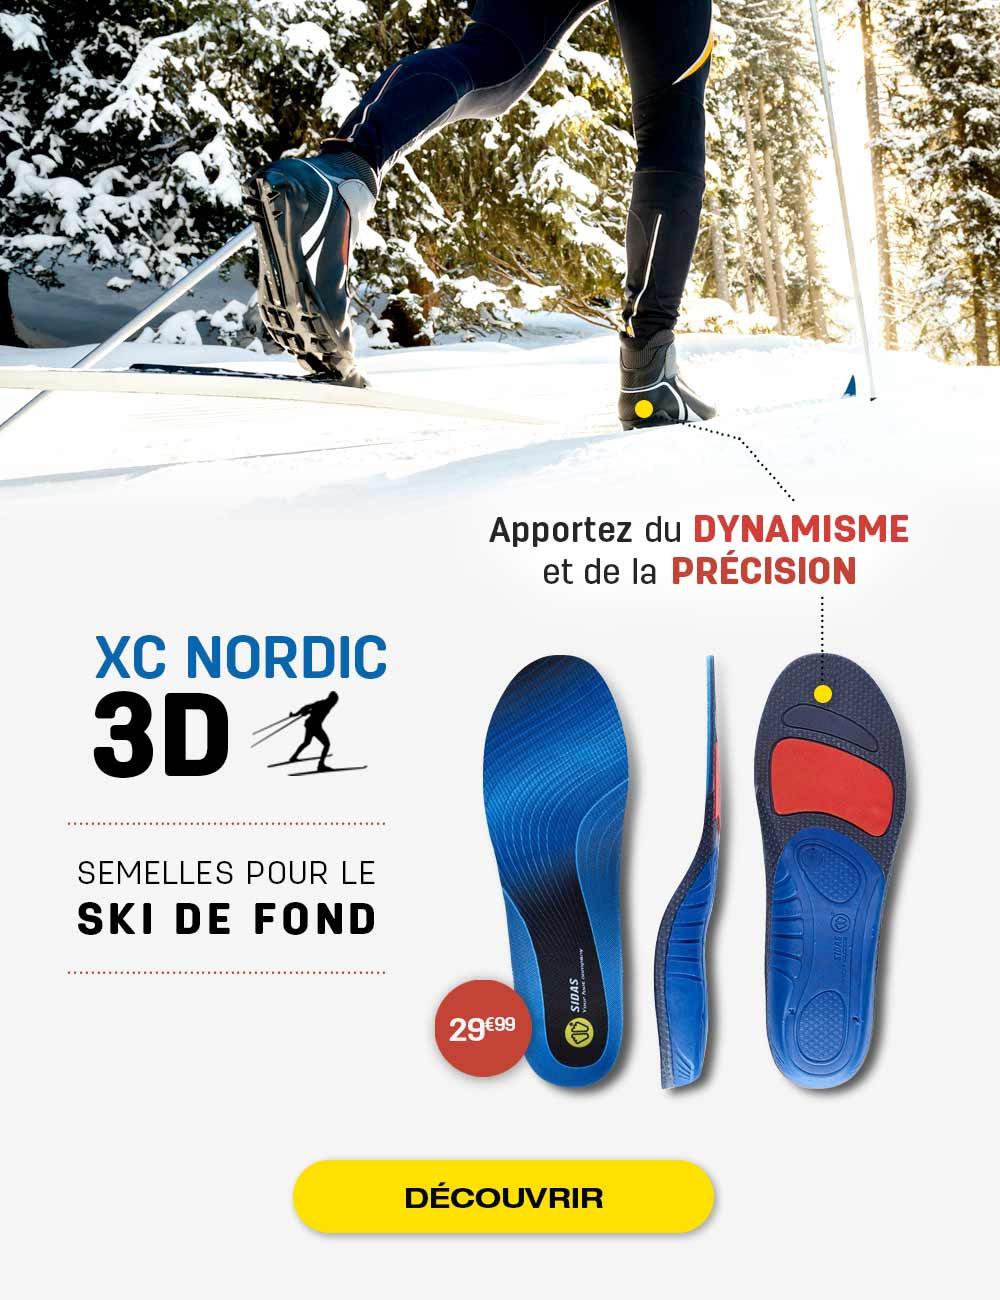 Apportez du dynamisme et de la précision grâce à la semelle 3D XC Nordic